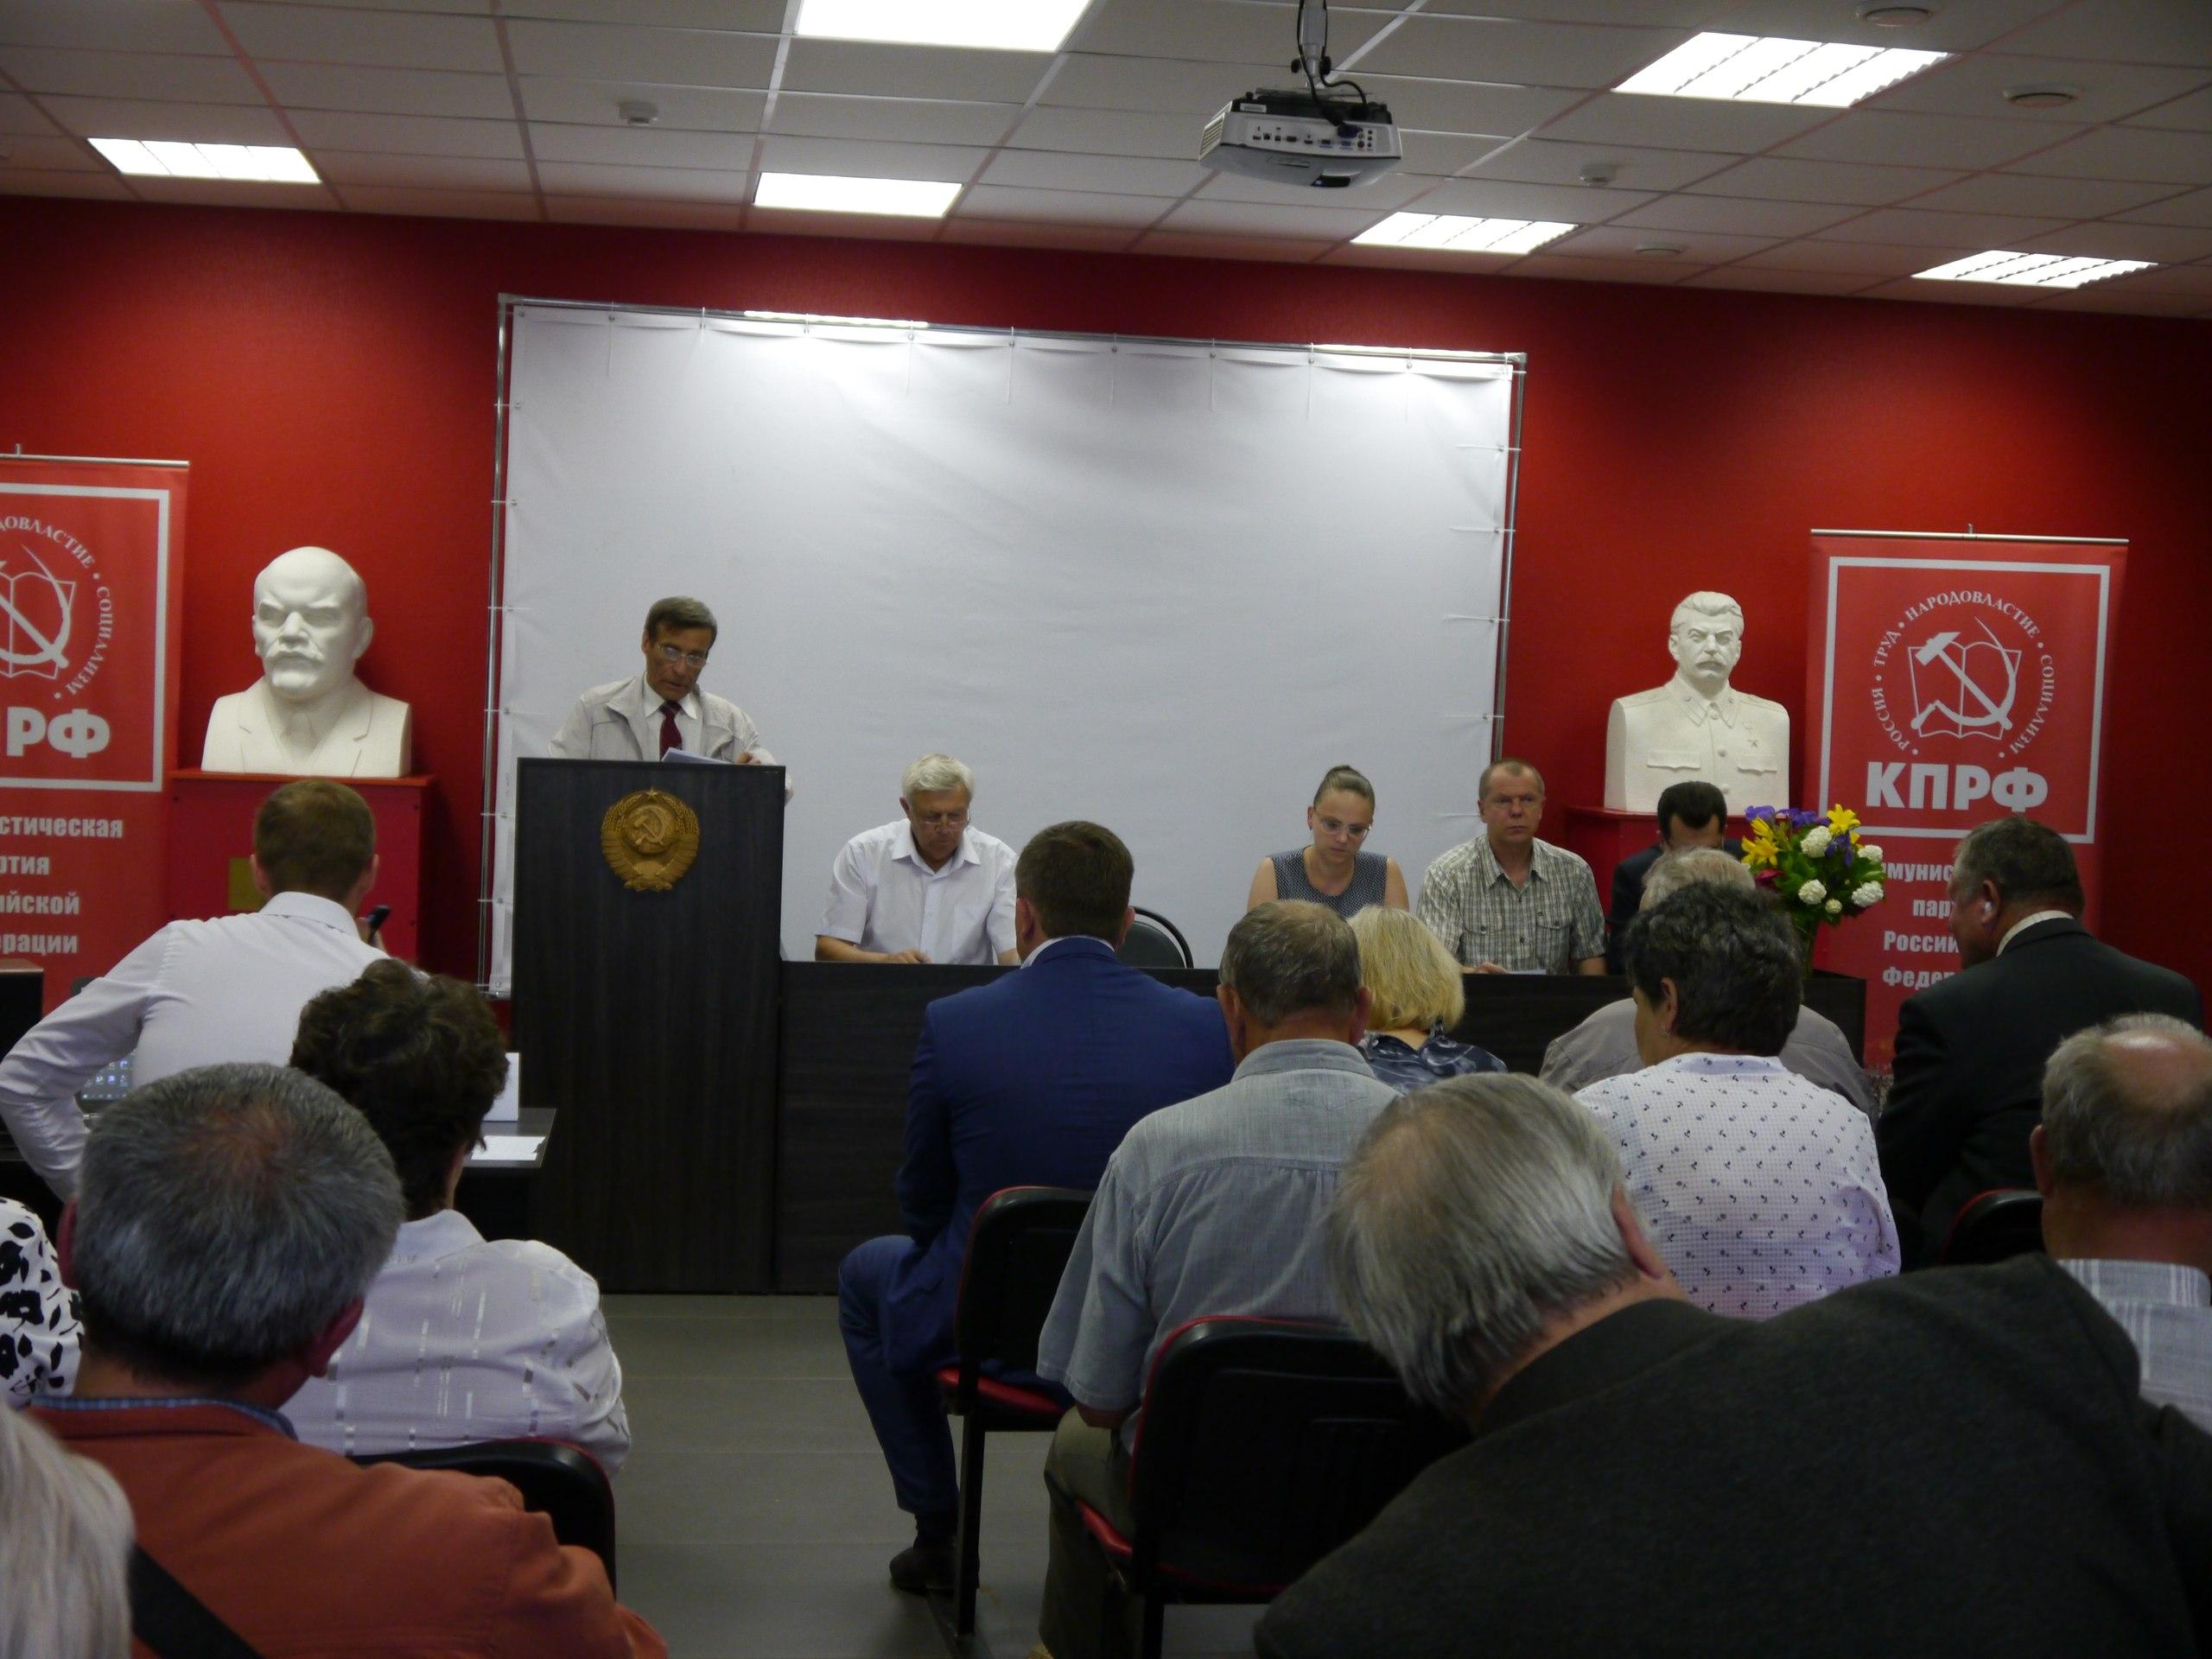 Коммунисты Липецка провели конференцию